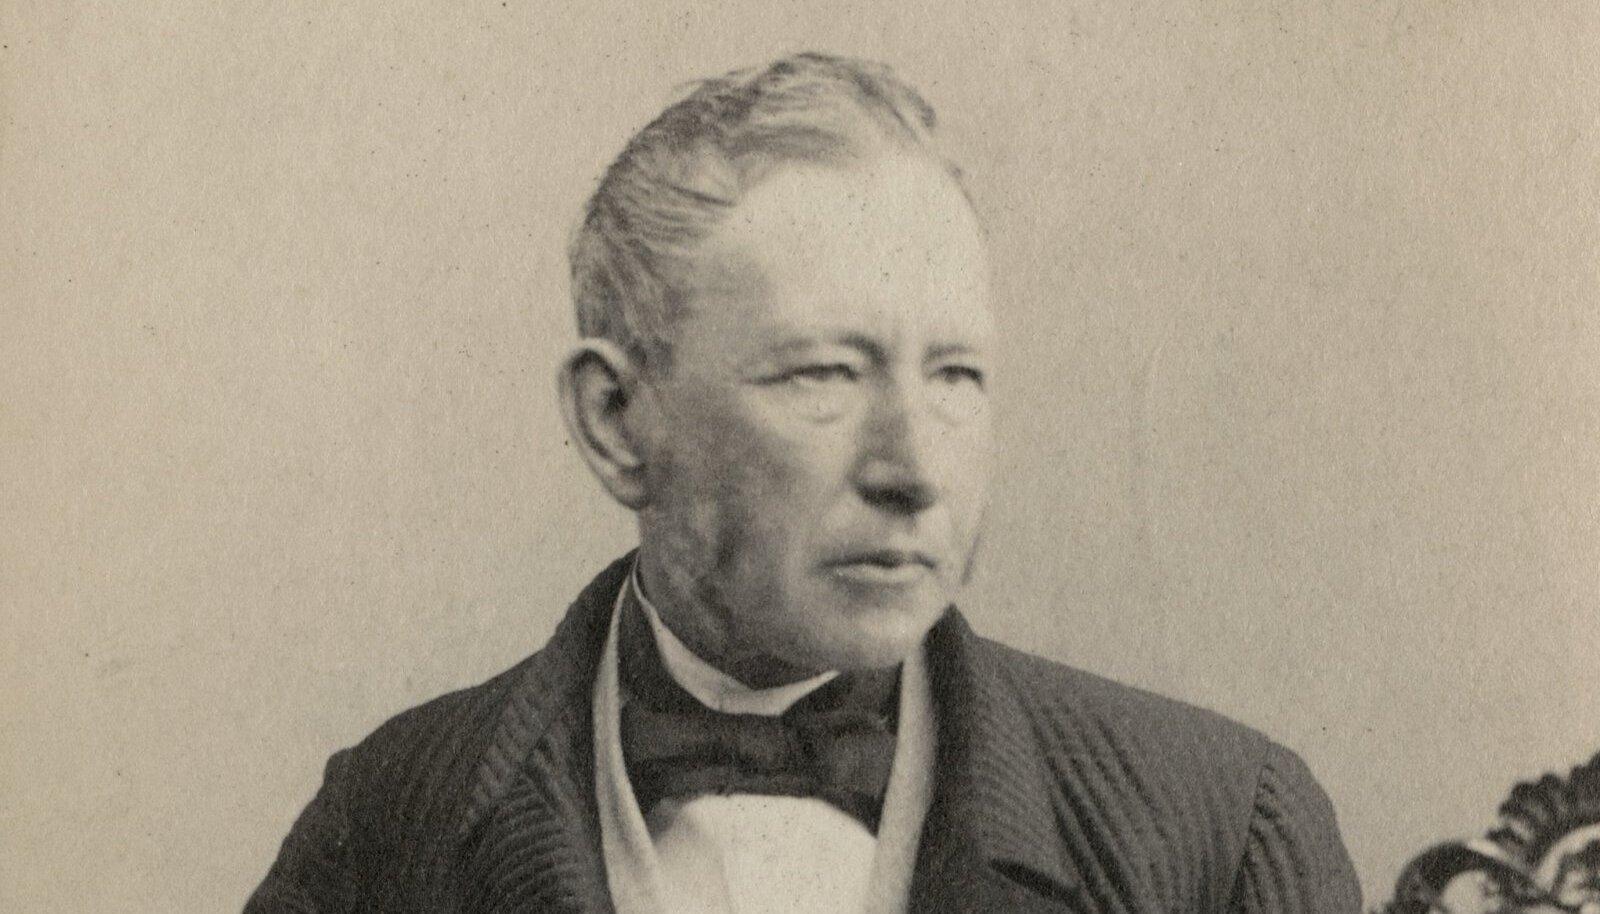 EESTI KUNSTNIK PETERBURIS: Tutvus tsaariga andis Carl Timoleon Neffile tööd ja leiba.